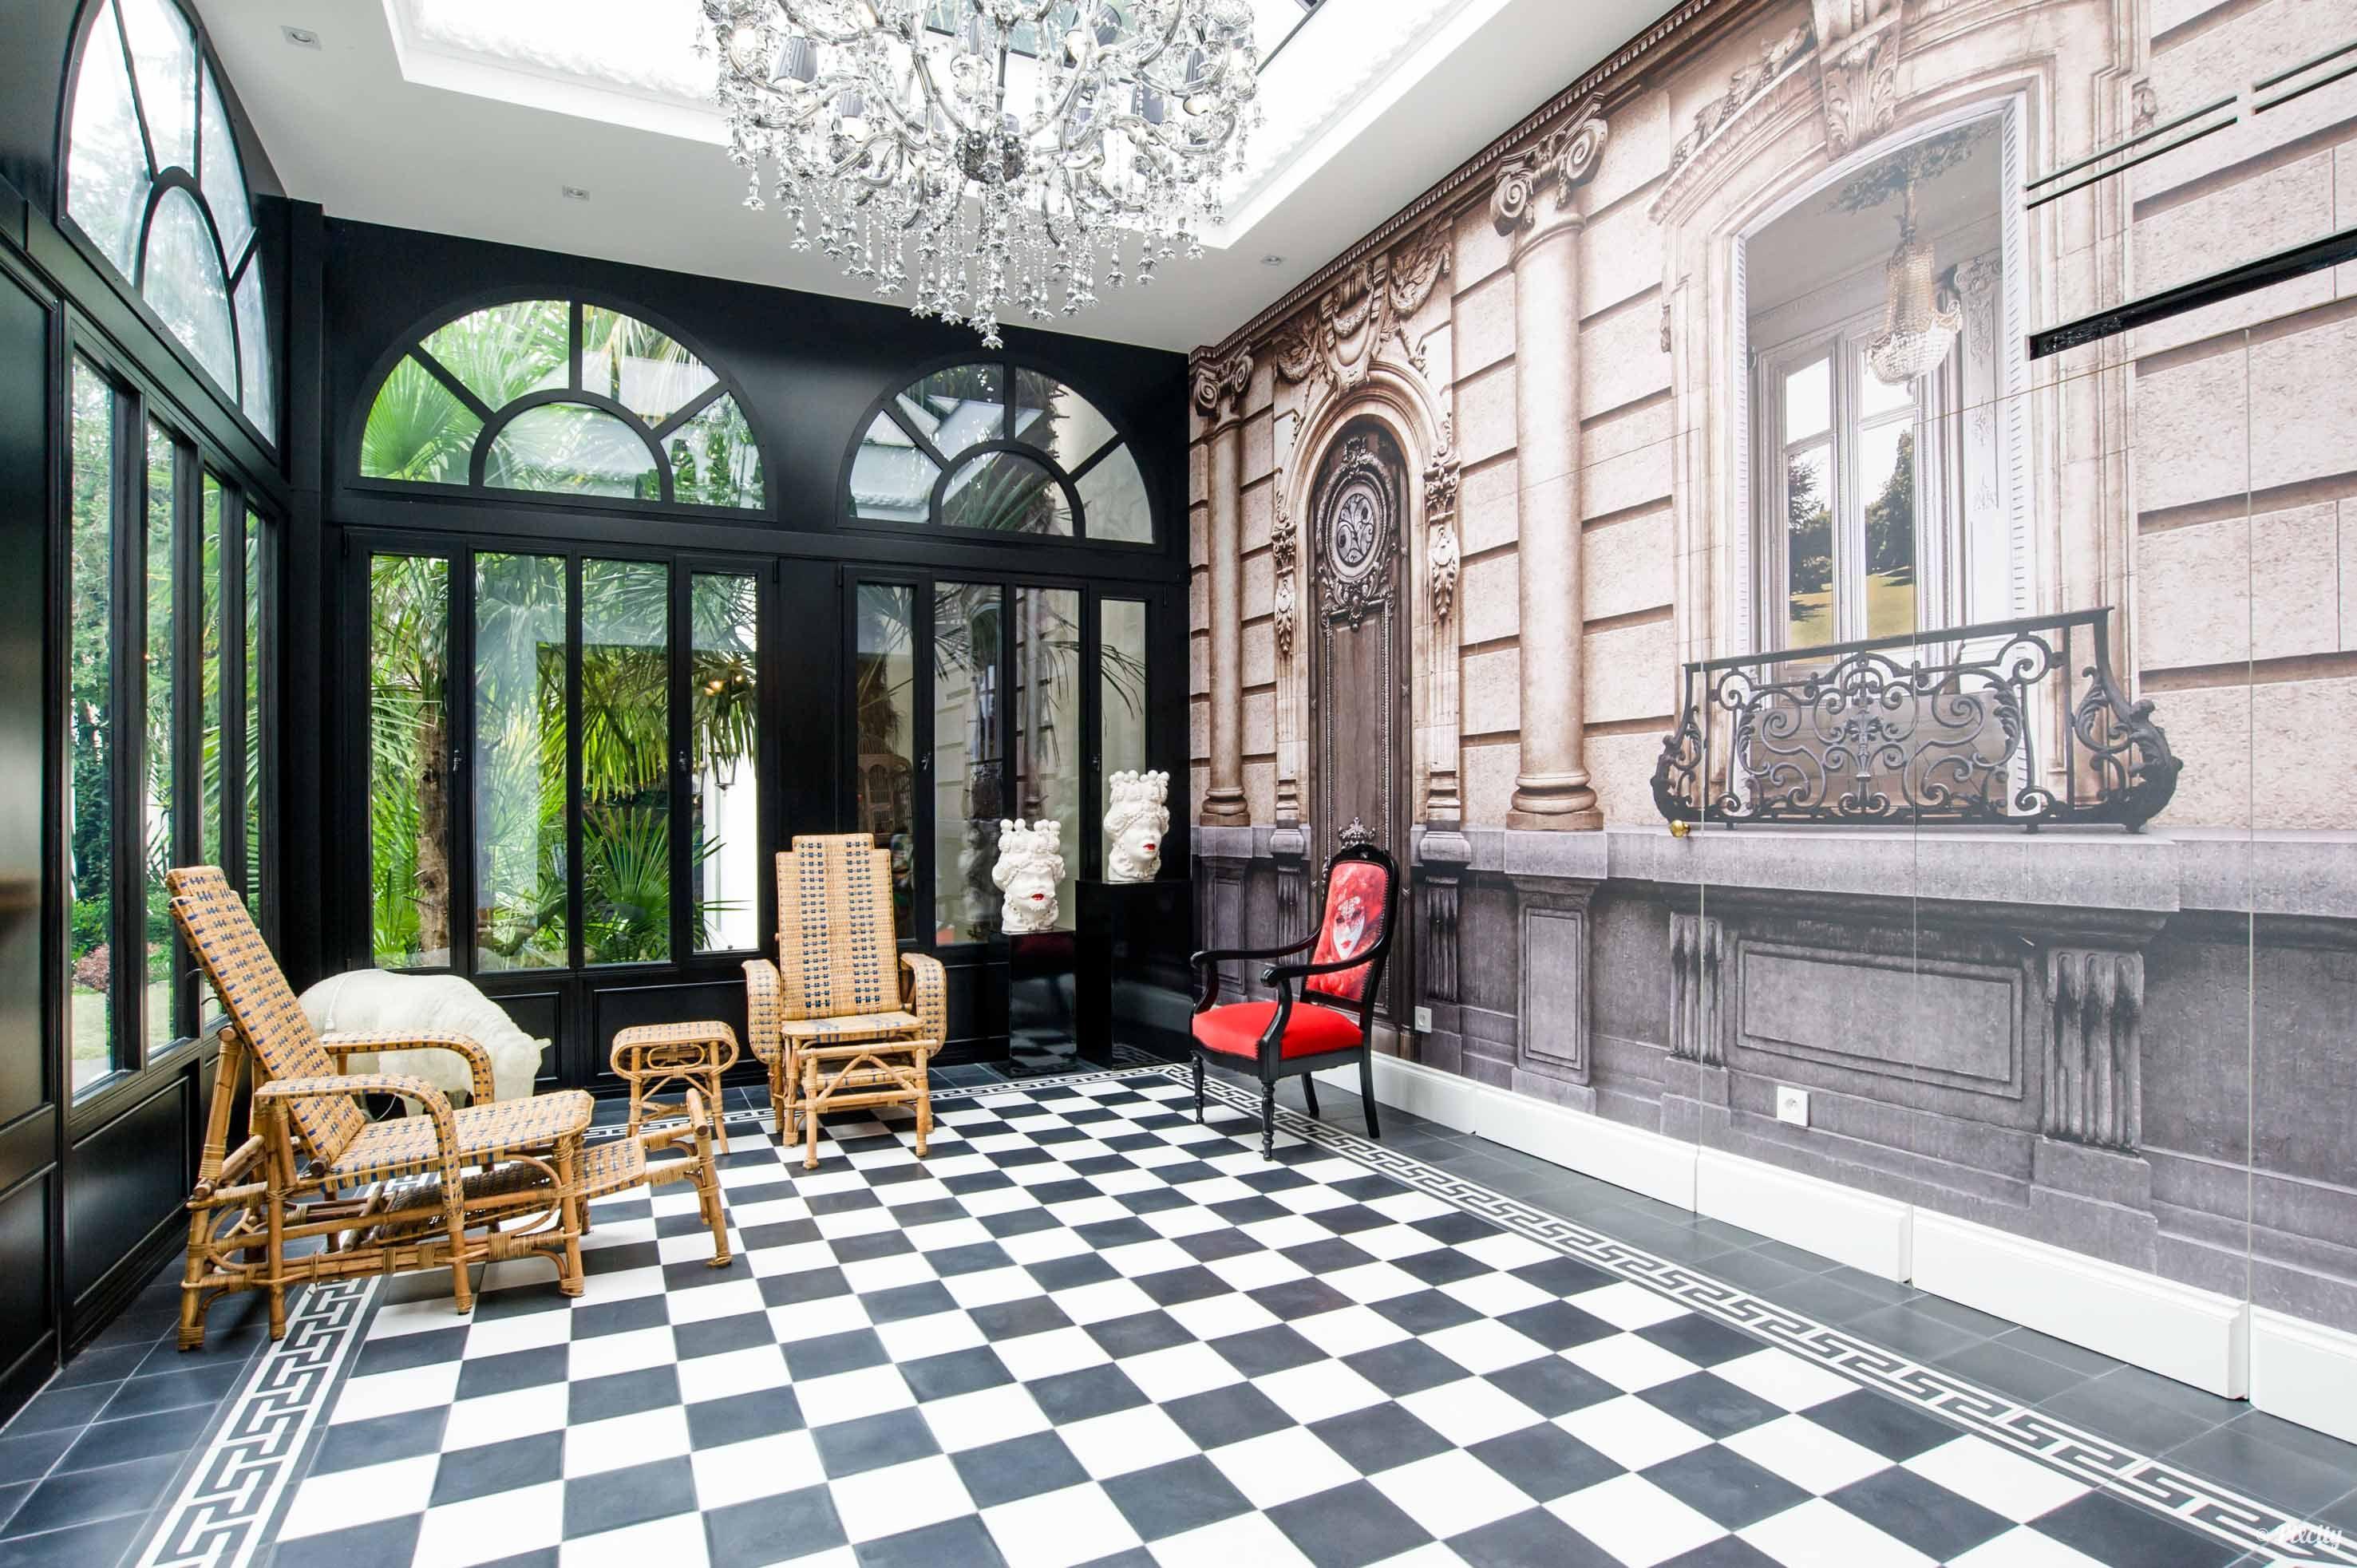 Veranda Noire Carrelage En Damier Noir Outdoor Decor Home Architecture